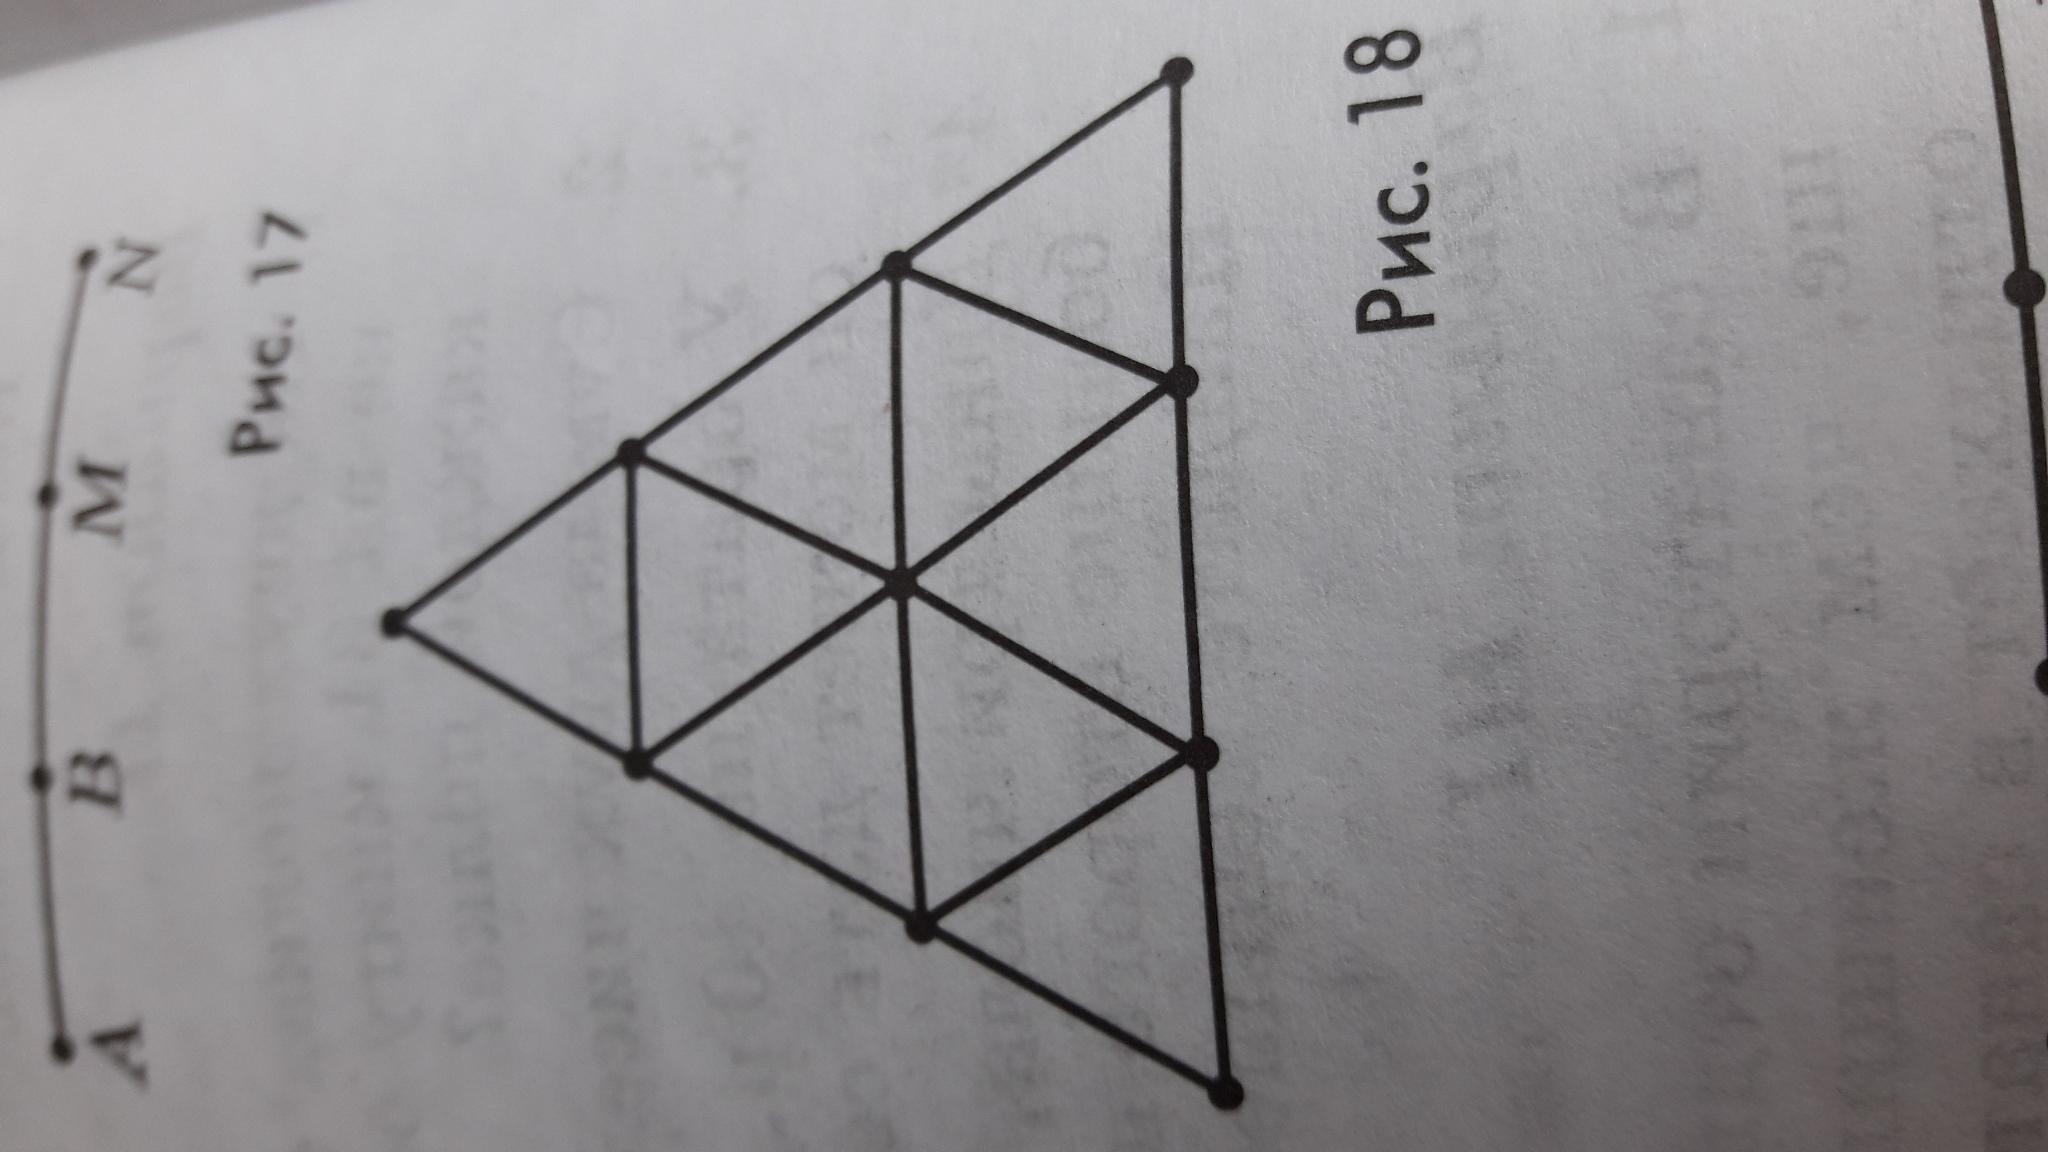 Сколько отрезков с концами в отмеченных точках изображено на рисунке